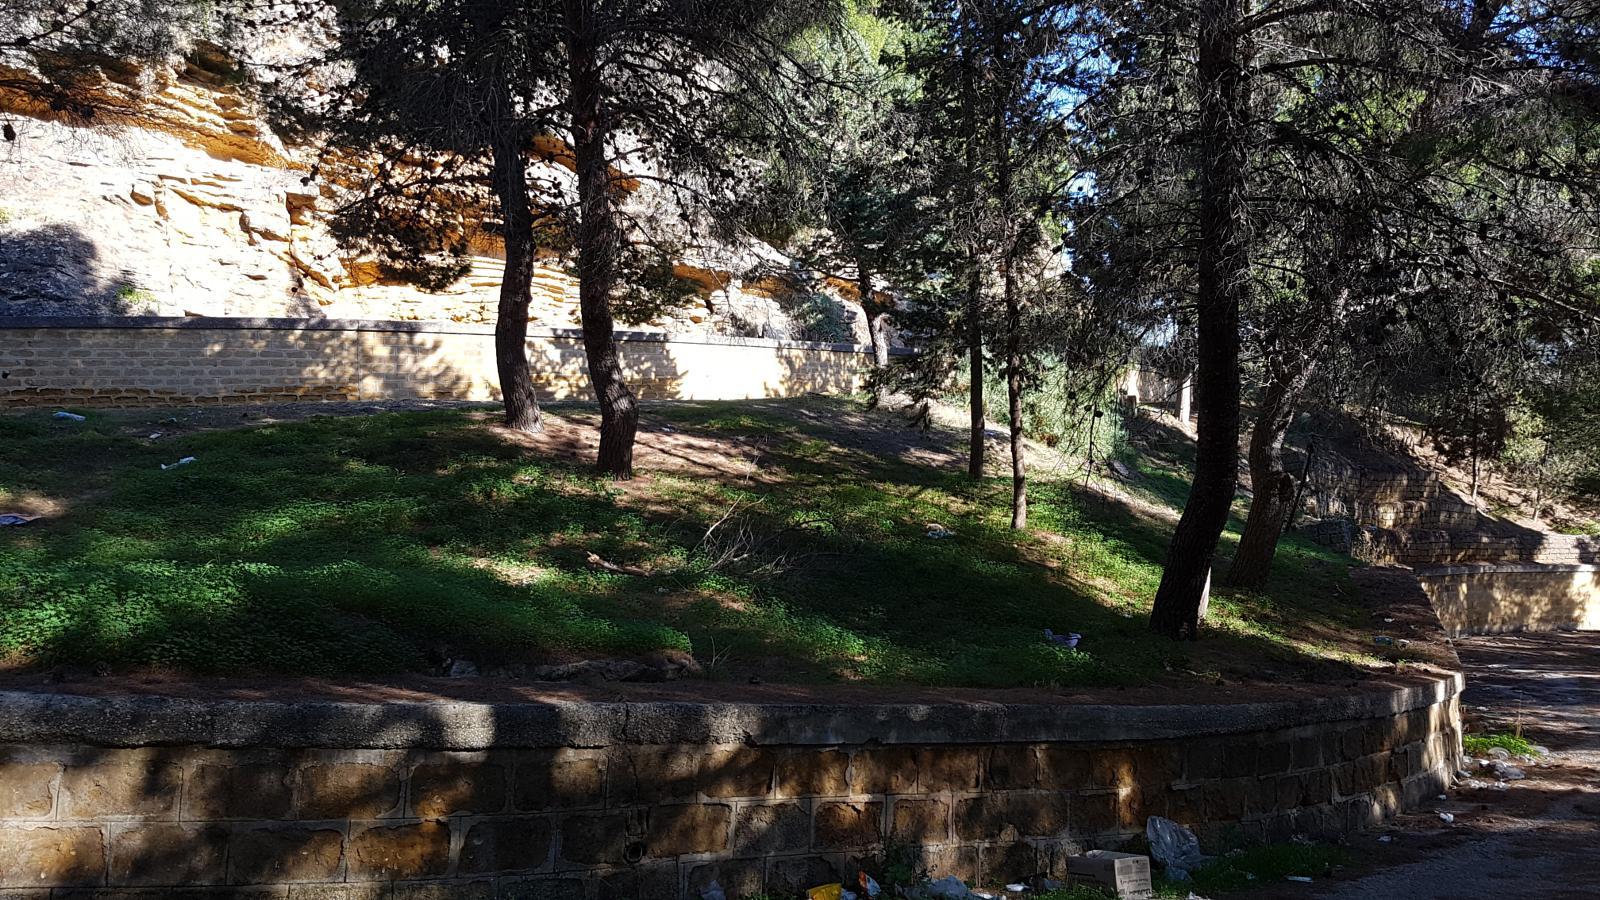 Agrigento: chiuso il bosco di Fondacazzo per motivi di sicurezza